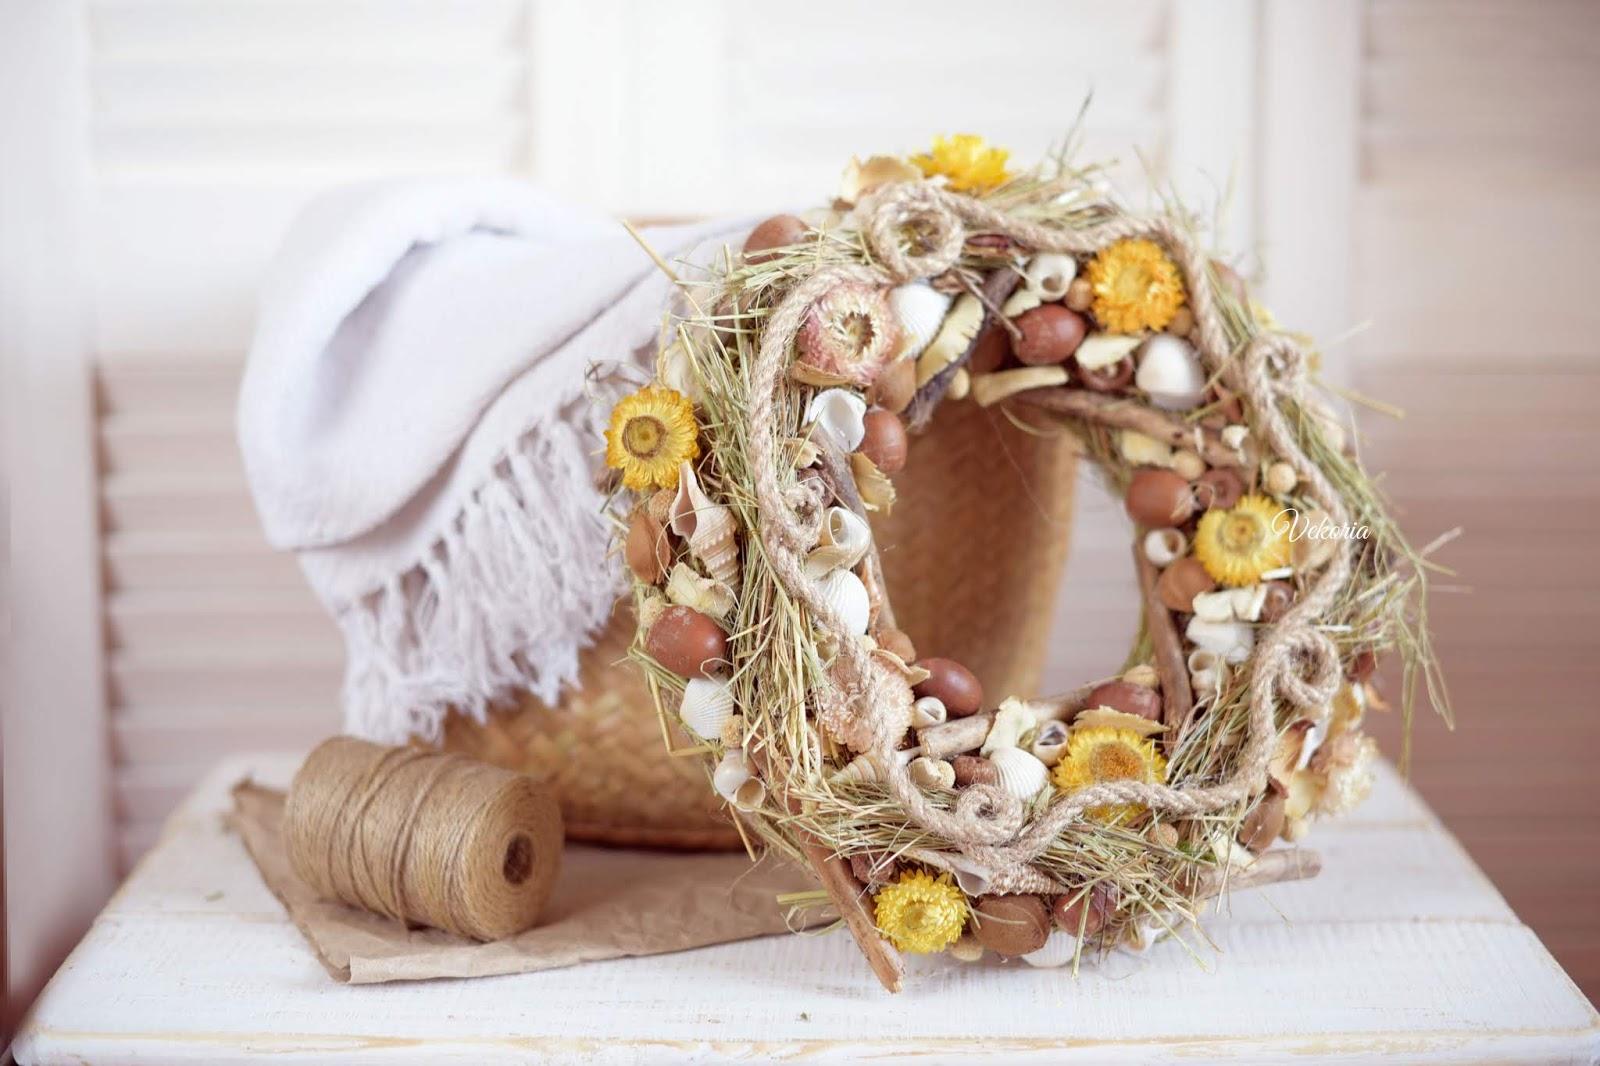 купить венок / buy a wreath